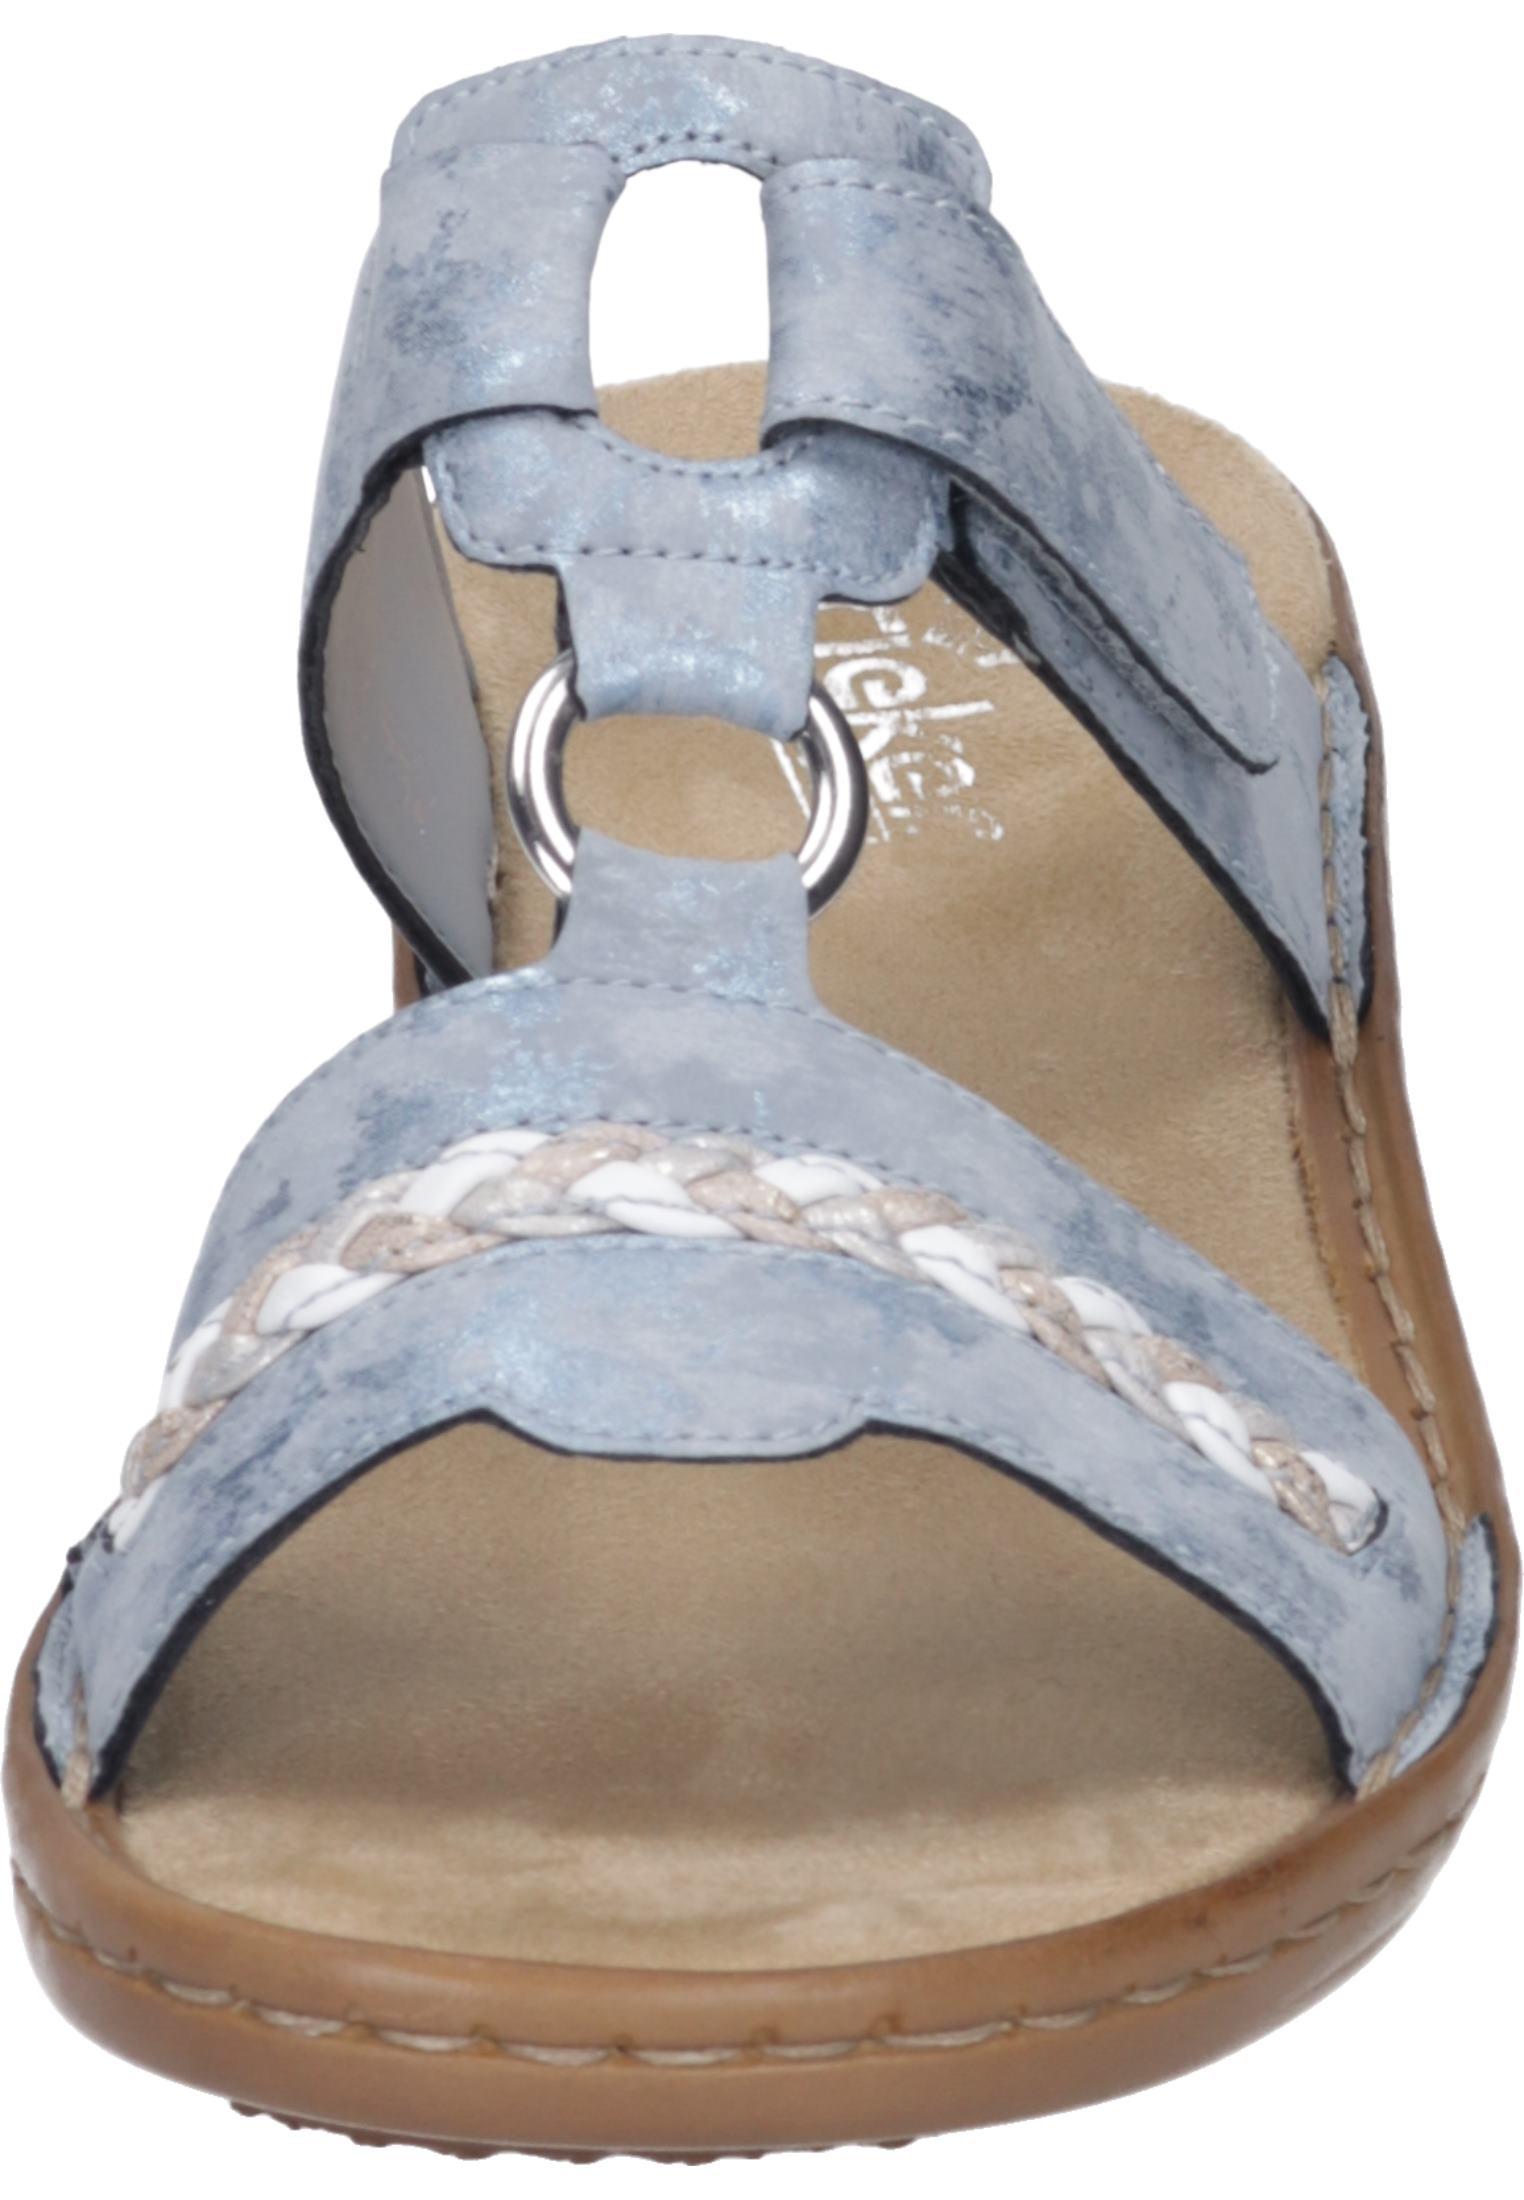 Rieker Nauru Schuhe Damen Sandalen Pantoletten Freizeit